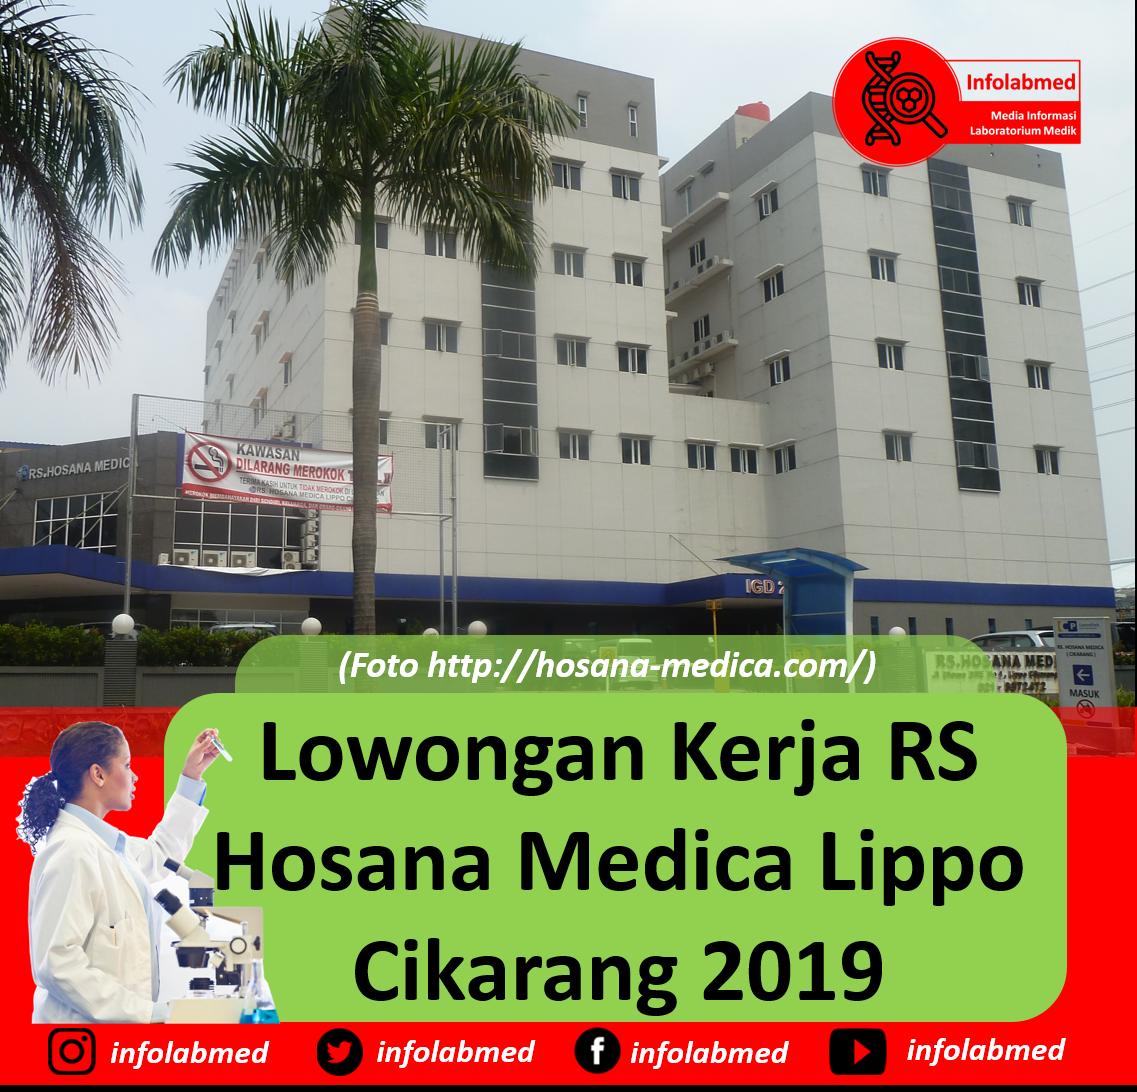 Lowongan Kerja Rs Hosana Medica Lippo Cikarang 2019 Info Laboratorium Medik